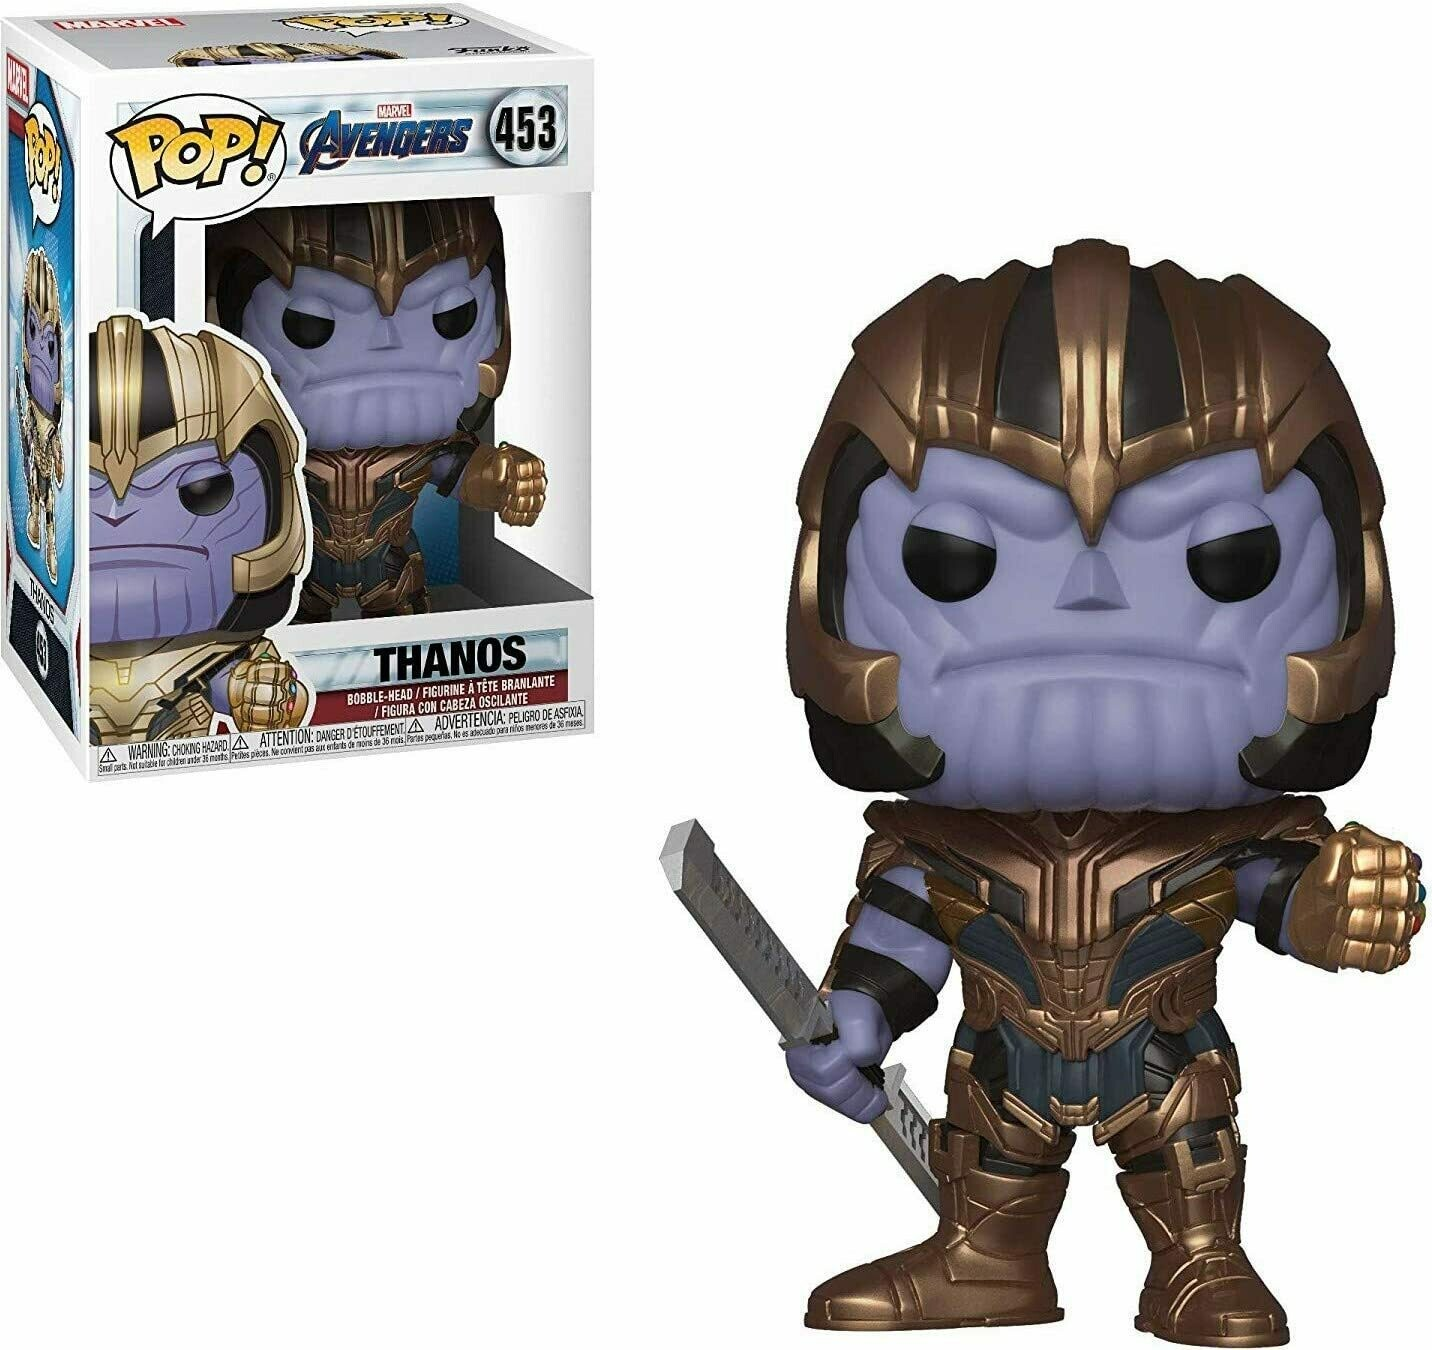 Funko Pop! Marvel: Thanos Avengers Endgame